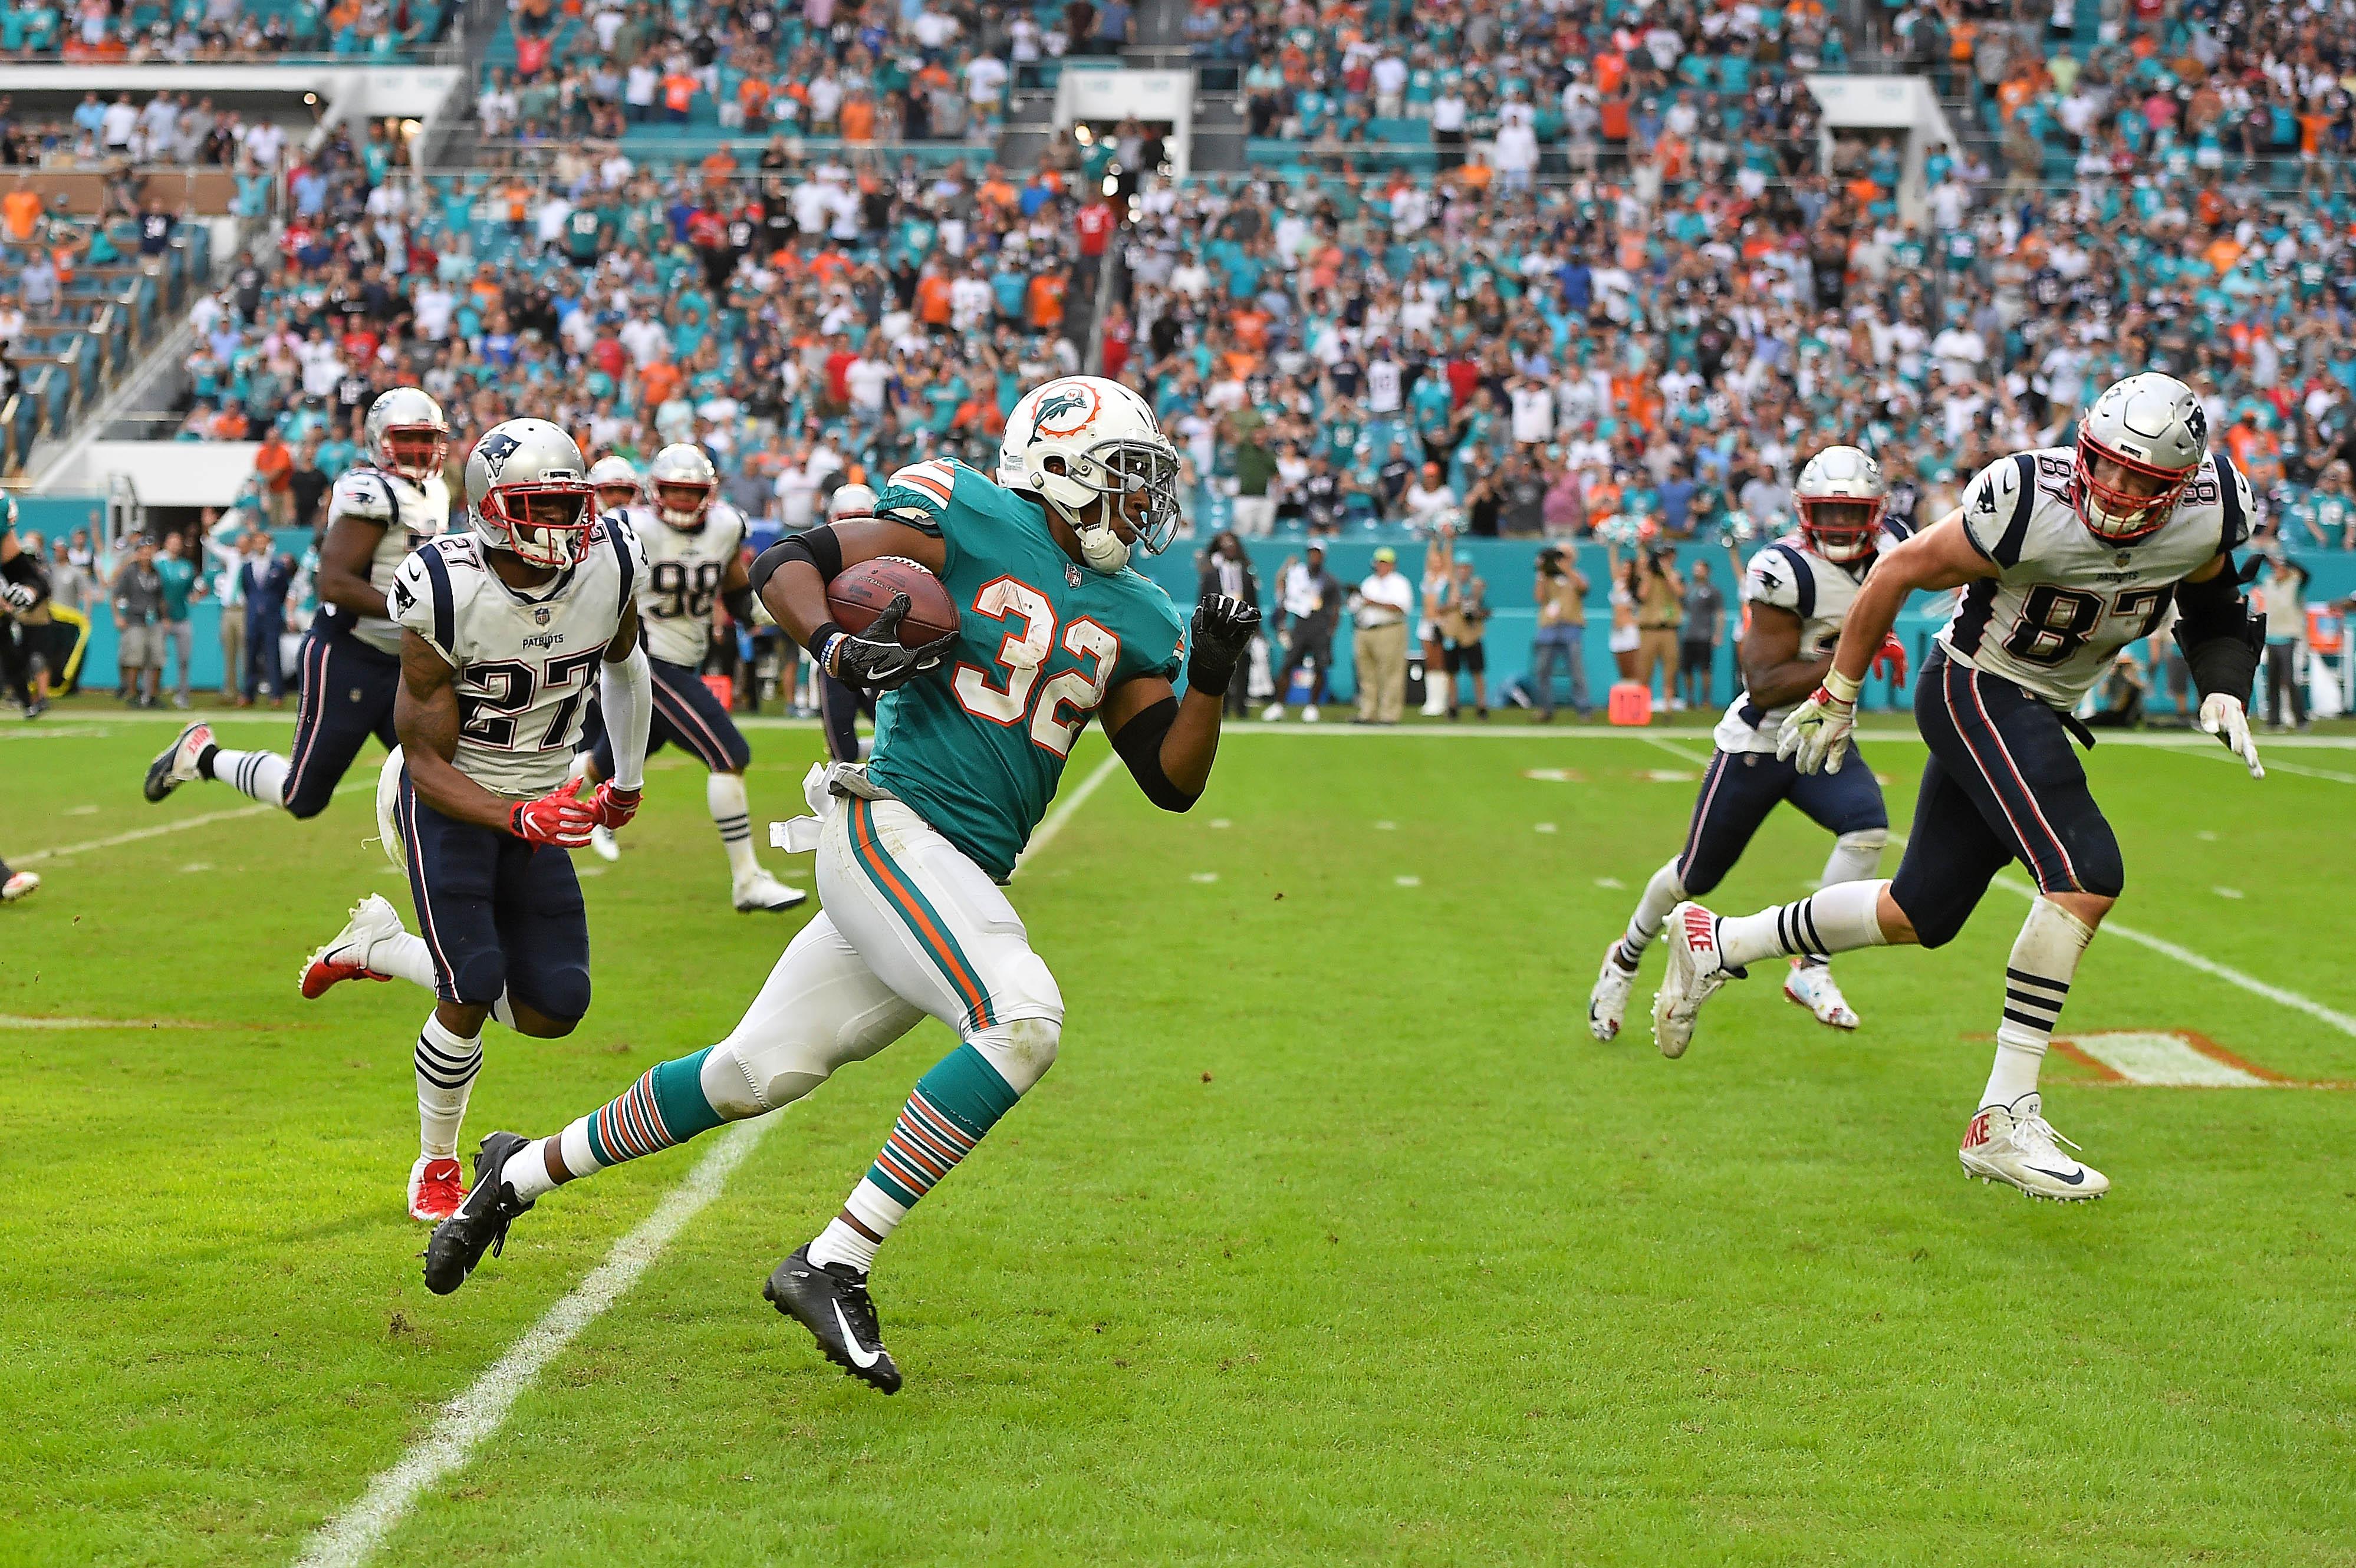 Sports US - Le touchdown fou des Dolphins